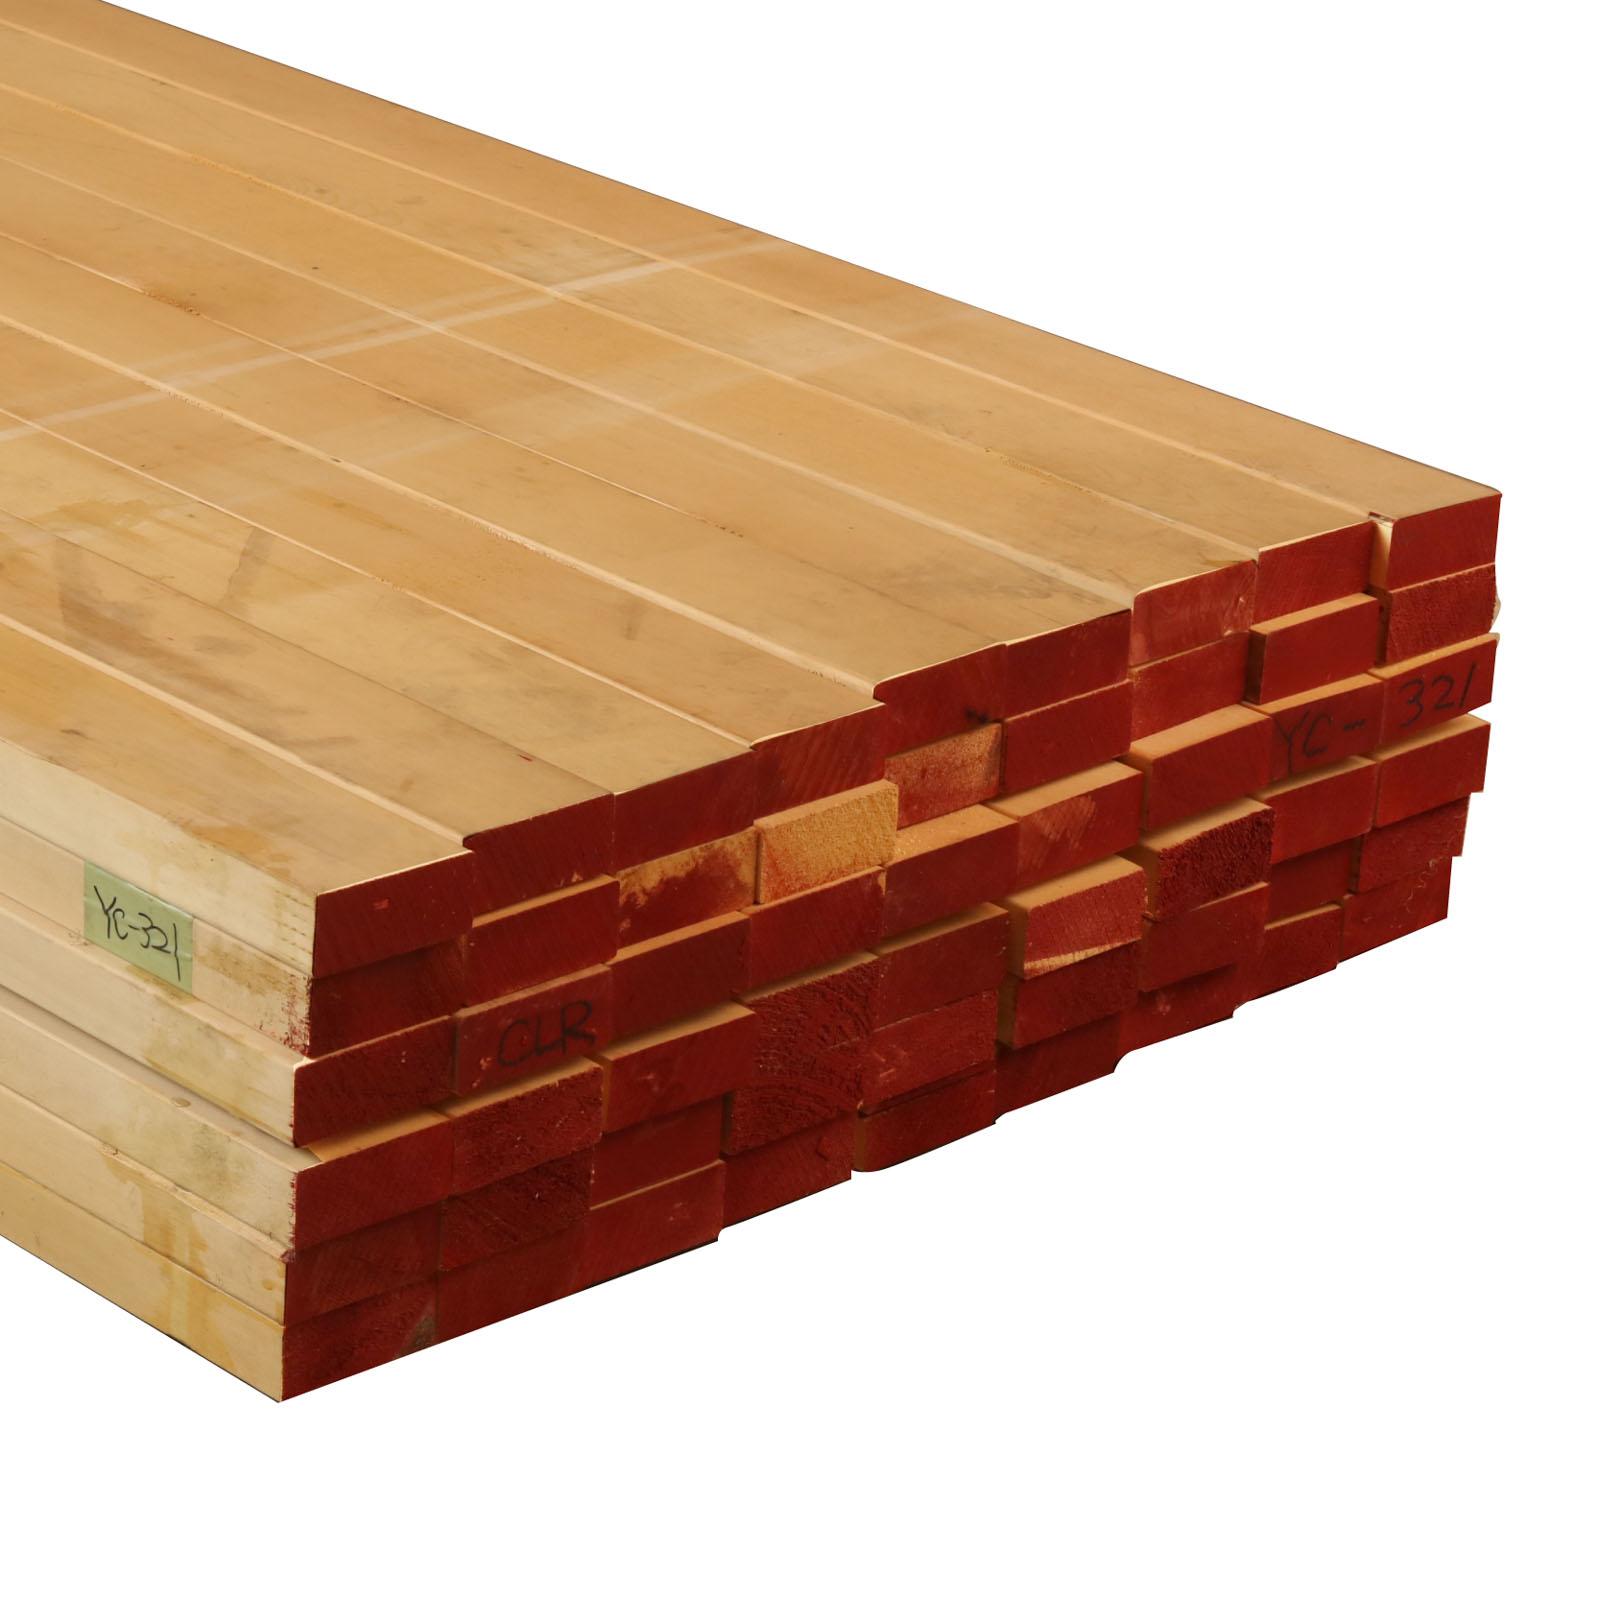 12-015 米ヒバ CLRデッキ材 52本セット(1本7,260円) 大蔵木材株式会社(江東区)